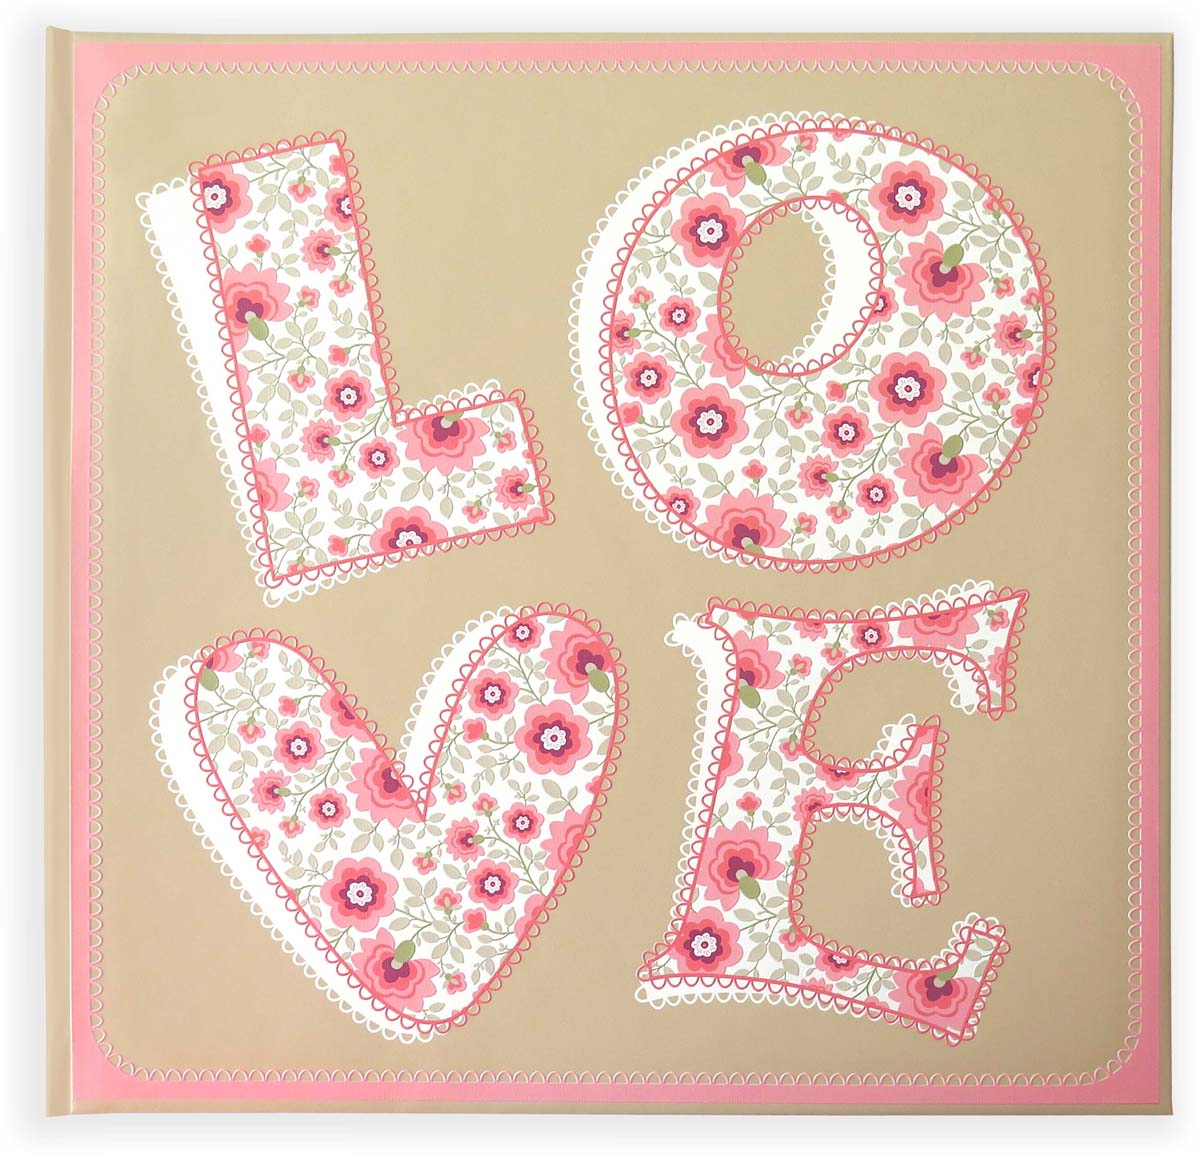 Фотоальбом Фолиант, цвет: бежевый, розовый, 30 листов. ФА-13 фотоальбом platinum классика 240 фотографий 10 x 15 см